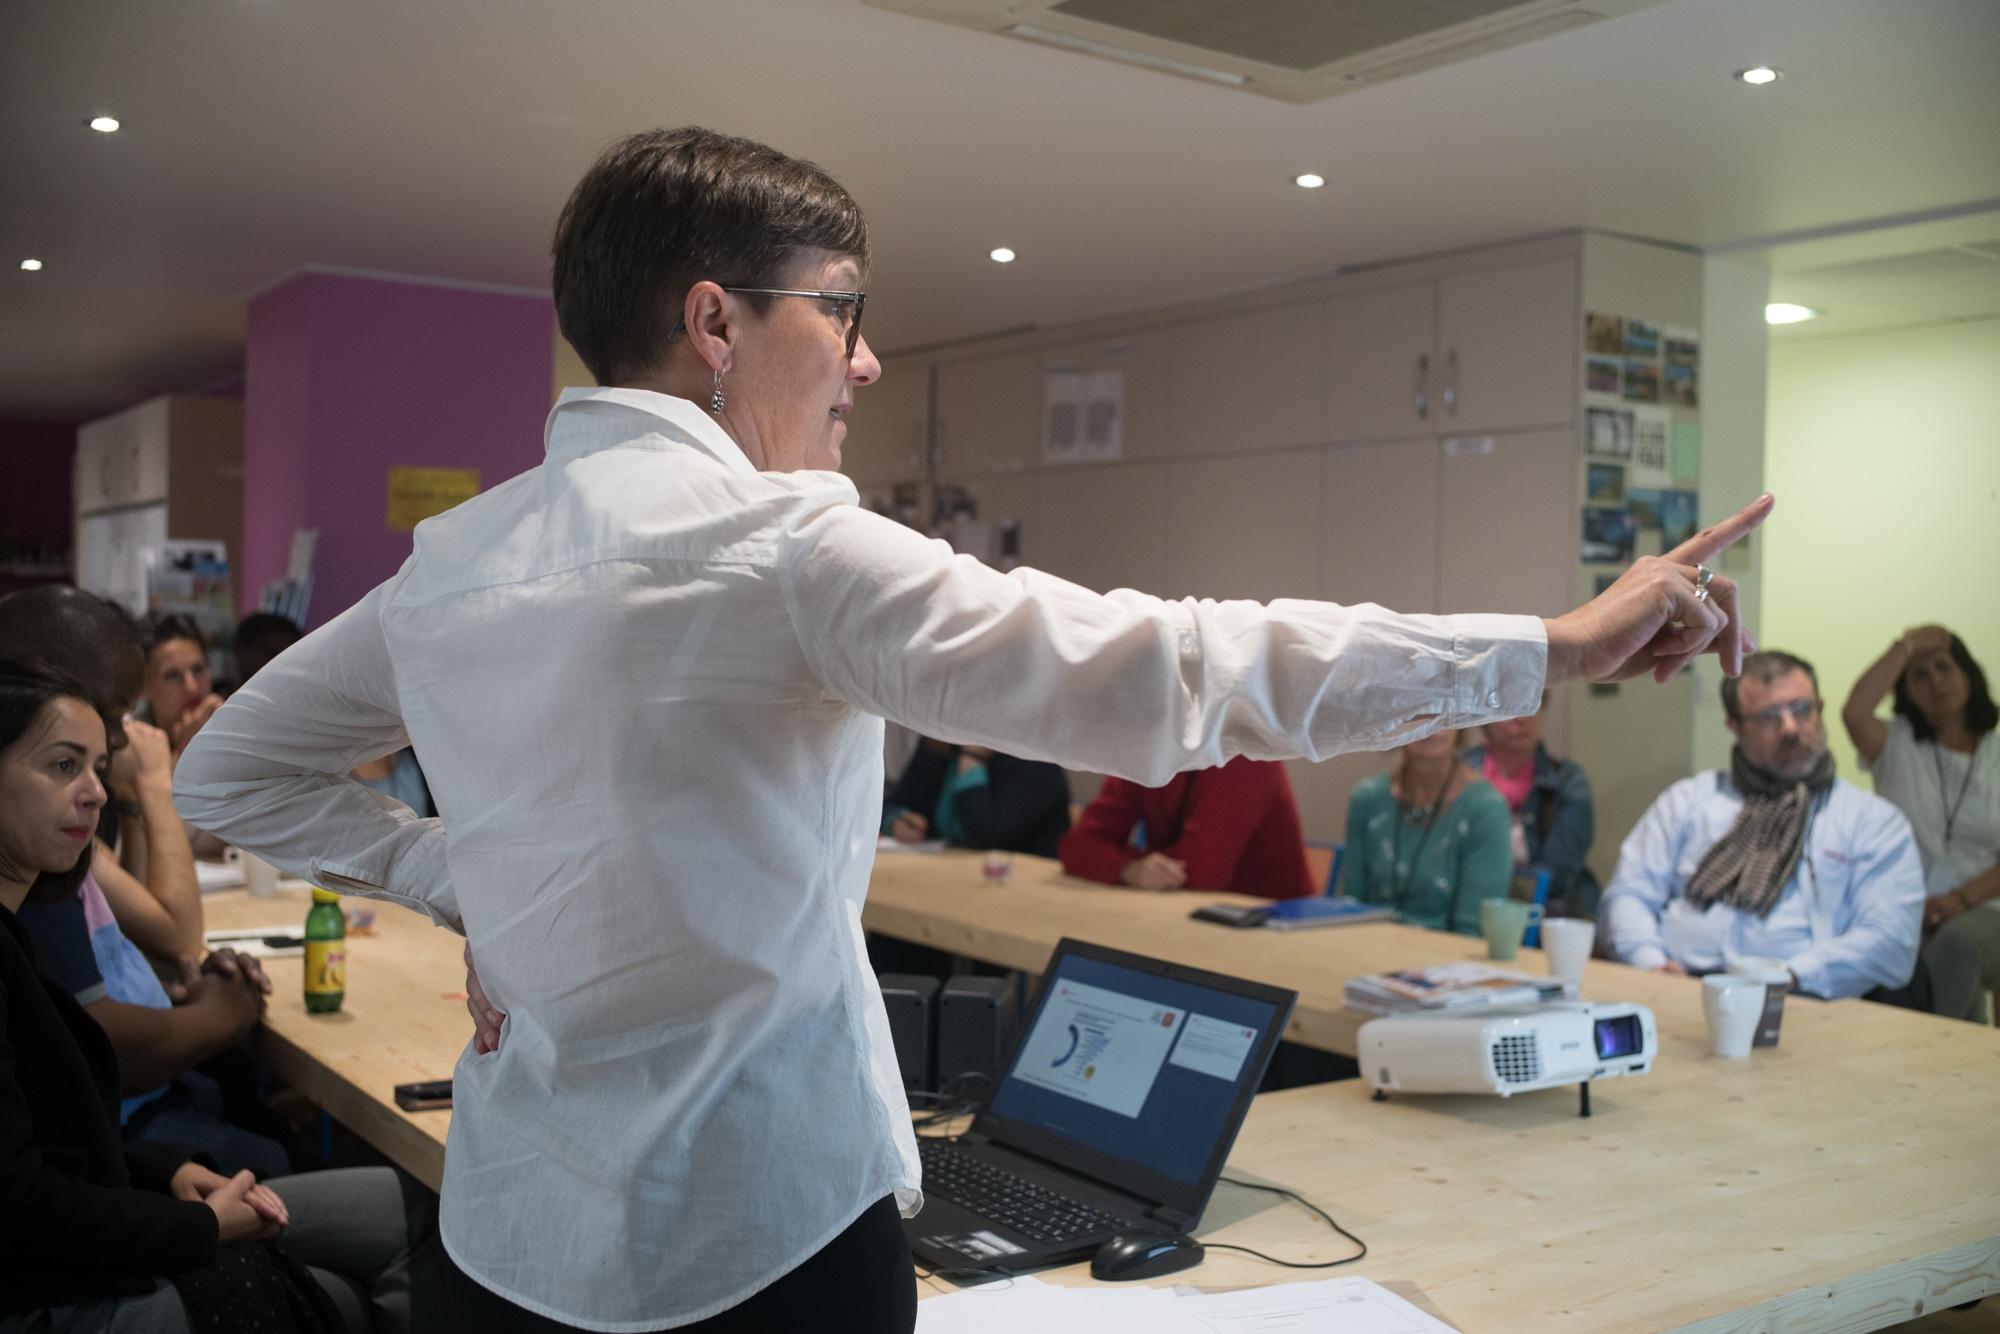 Mathilde continue sa présentation devant son public.